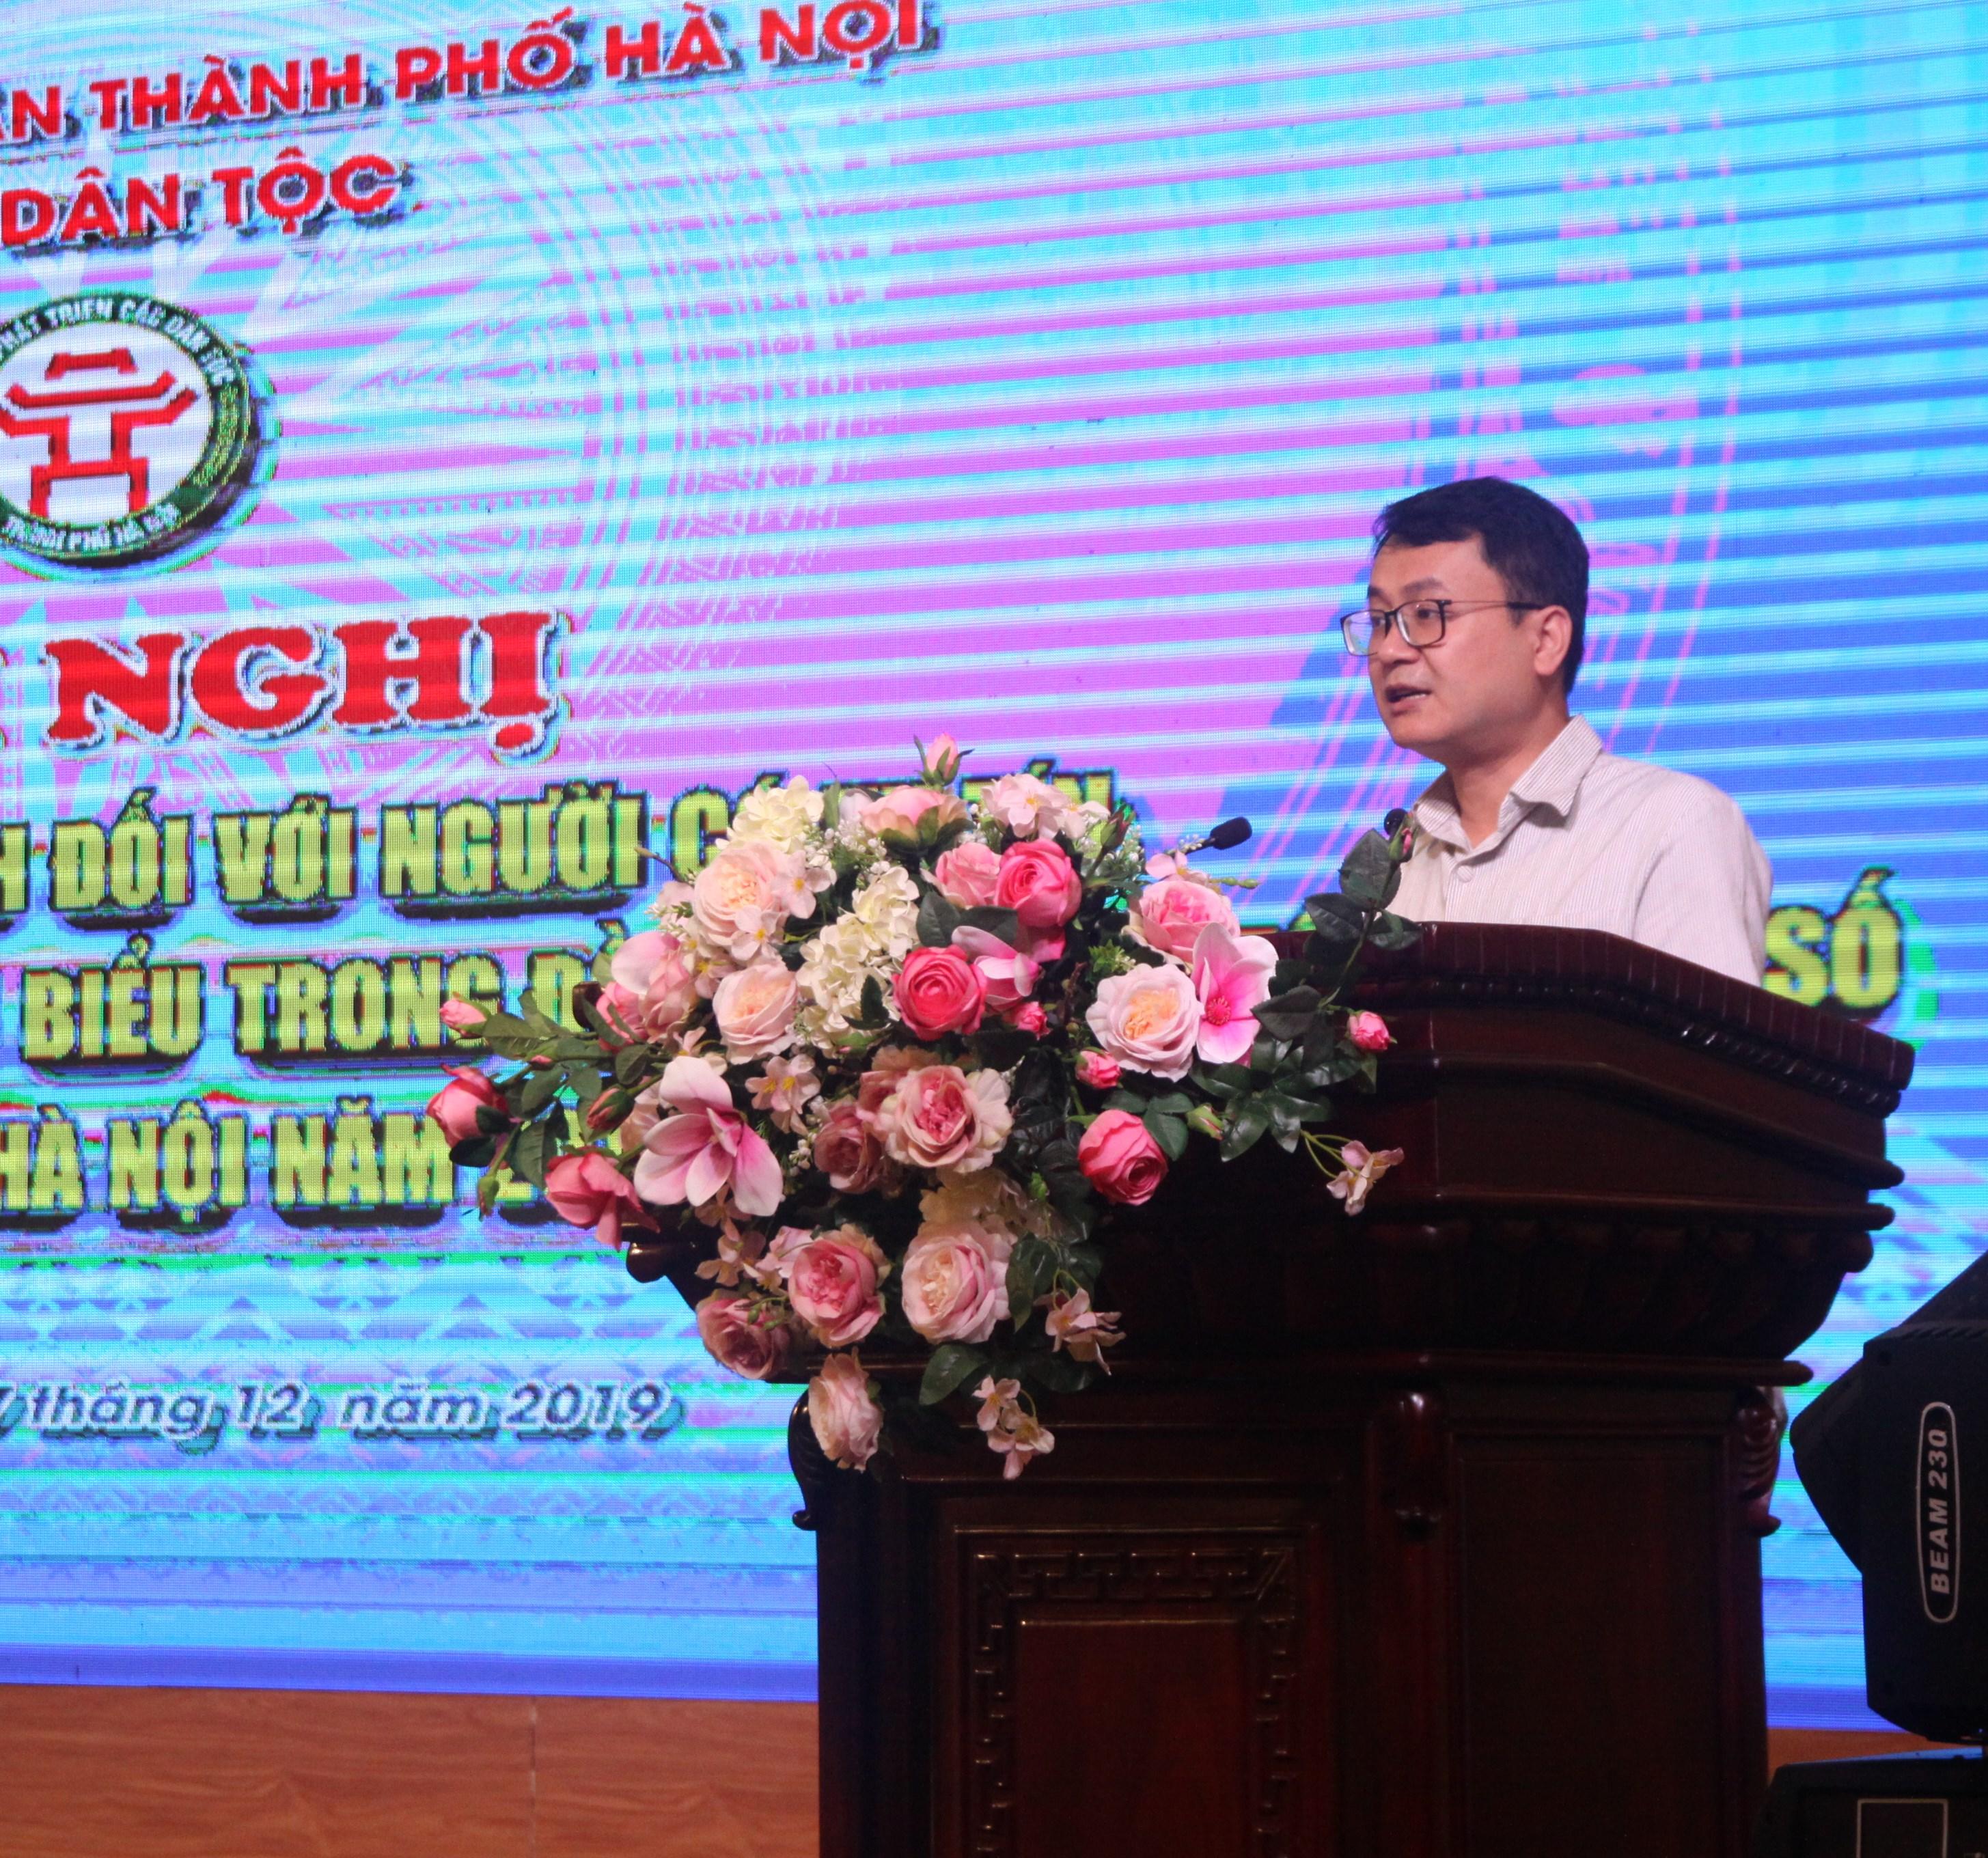 Thừa ủy quyền của lãnh đạo Ủy ban Dân tộc, ông Hà Việt Quân, Quyền vụ trưởng vụ Hợp tác quốc tế, Ủy ban Dân tộc phát biểu tại Hội nghị